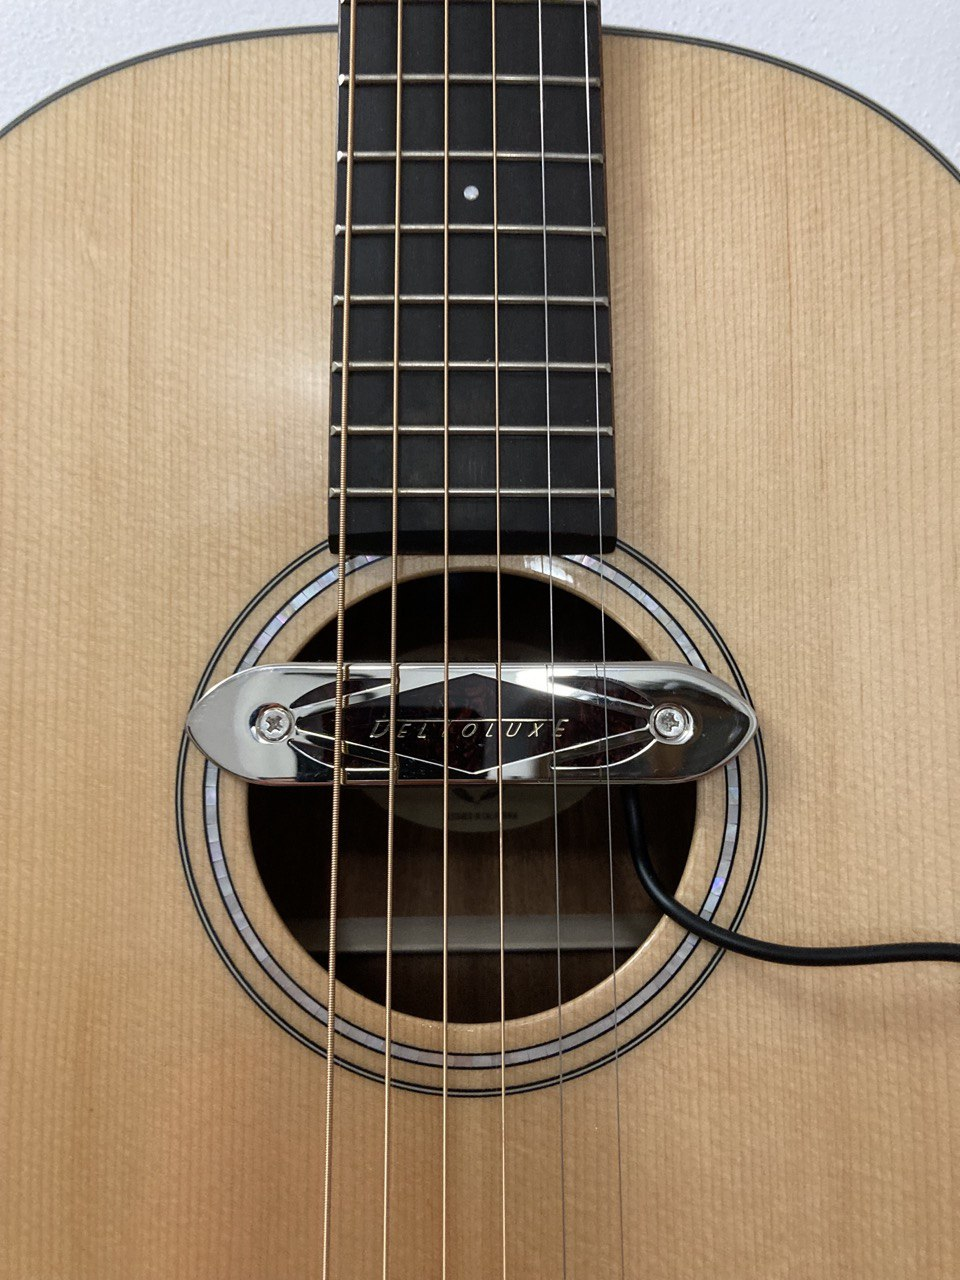 Gretsch Deltoluxe sound hole pickup - Dearmond Reissue Rhythm Chief 1000?!-74772a38-8a3d-41b3-86ef-3ad88034fbc8-jpeg